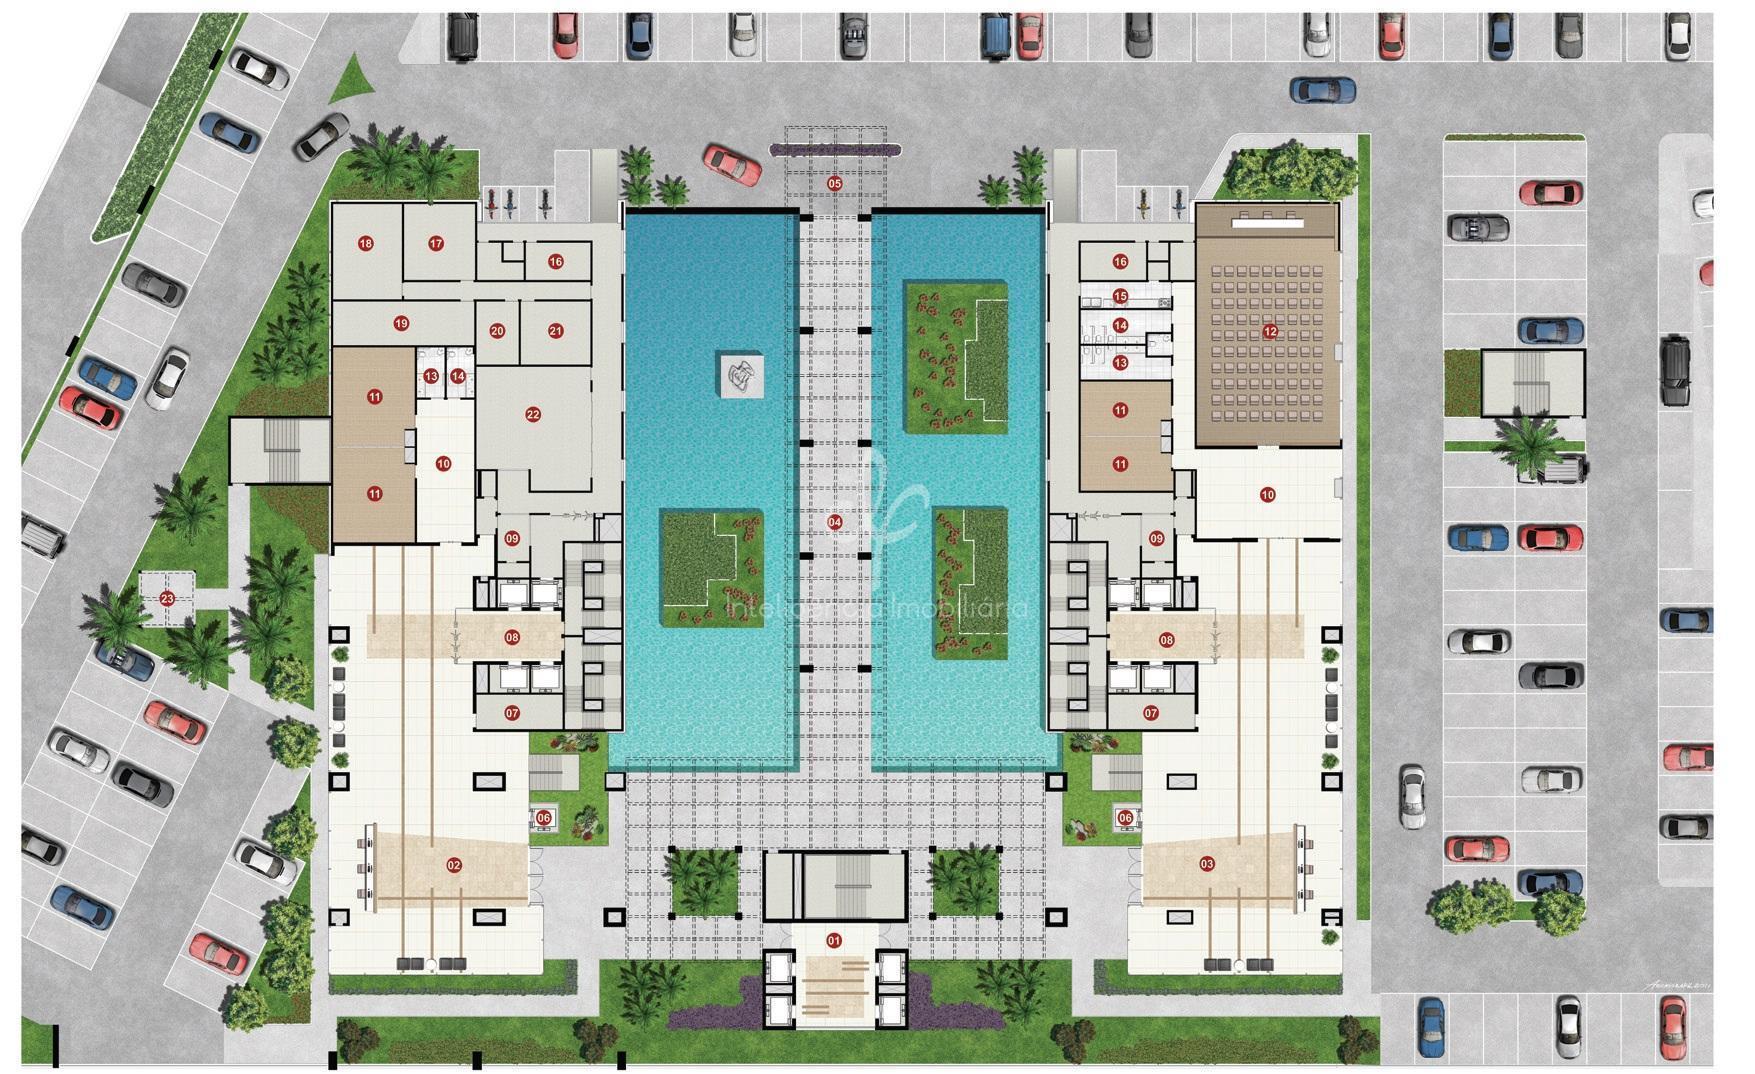 o complexo parkshopping corporate é um conjunto arquitetônico constituído por 2 (duas) torres de escritórios interligadas...